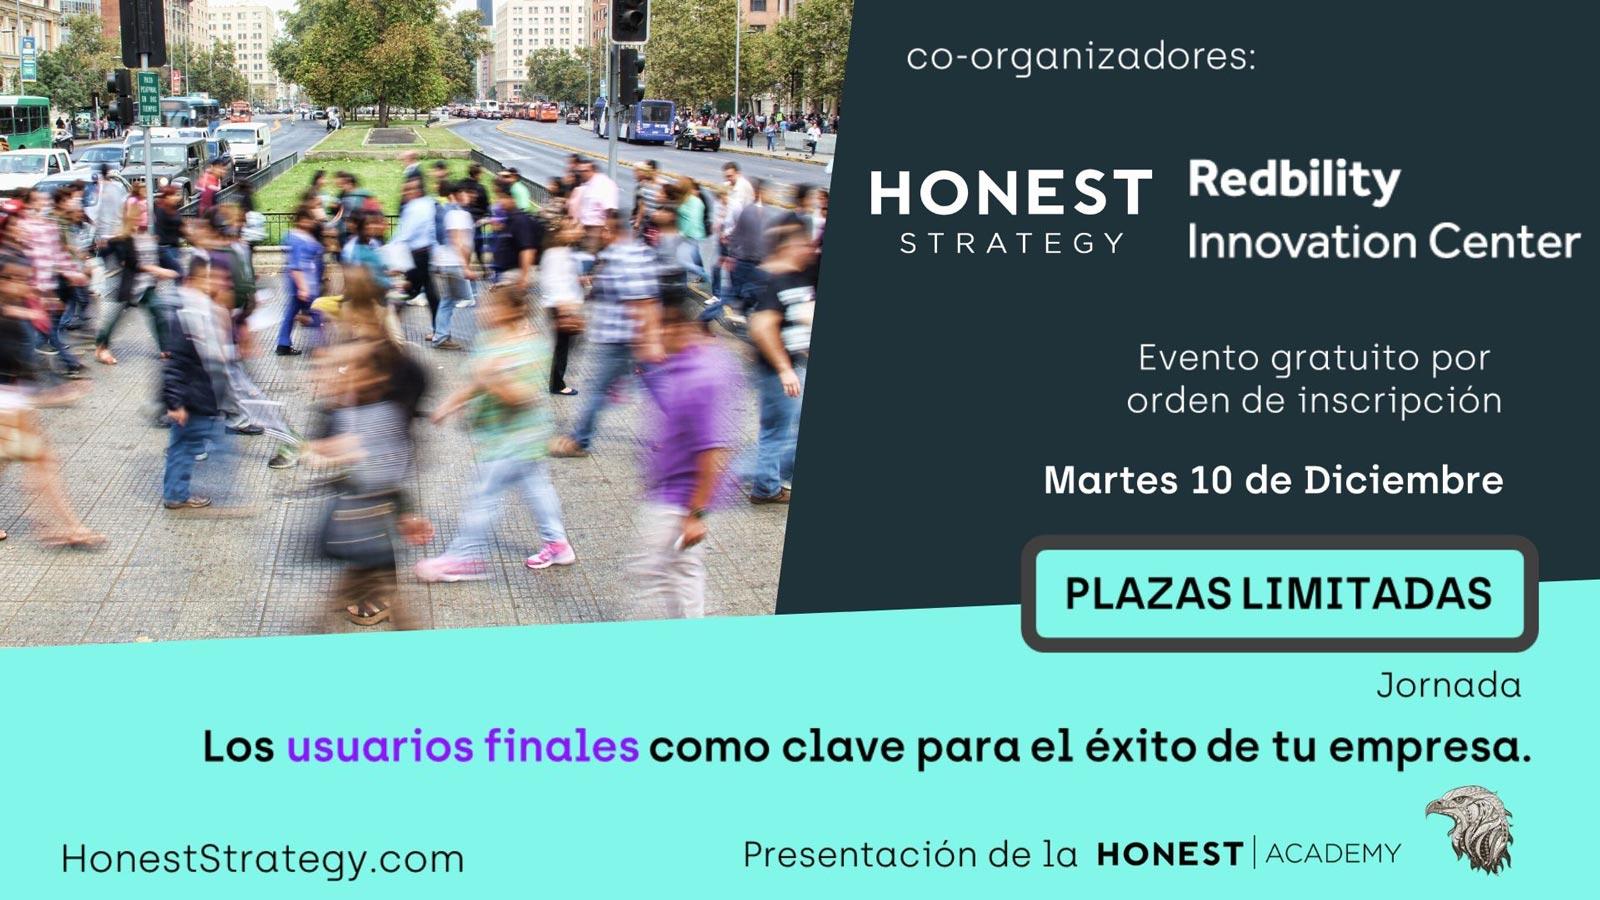 Presentación Honest Academy